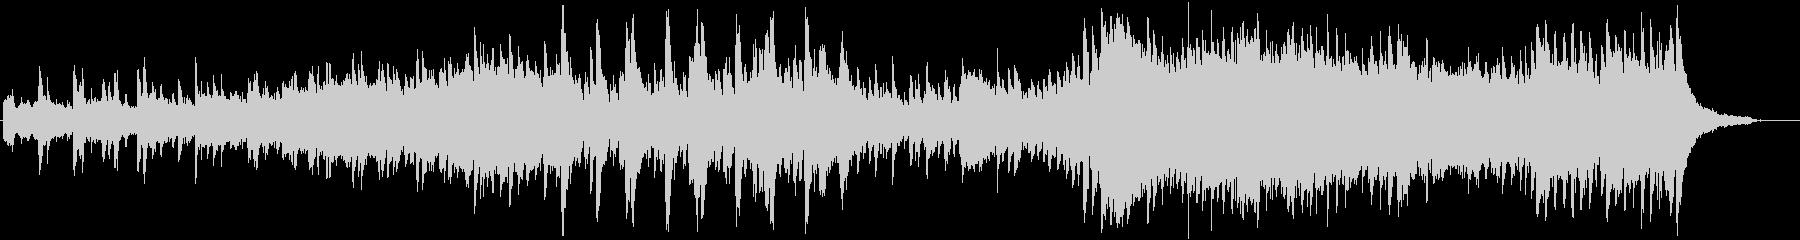 「ラスト・ワルツ」 弦楽とピアノのためのの未再生の波形